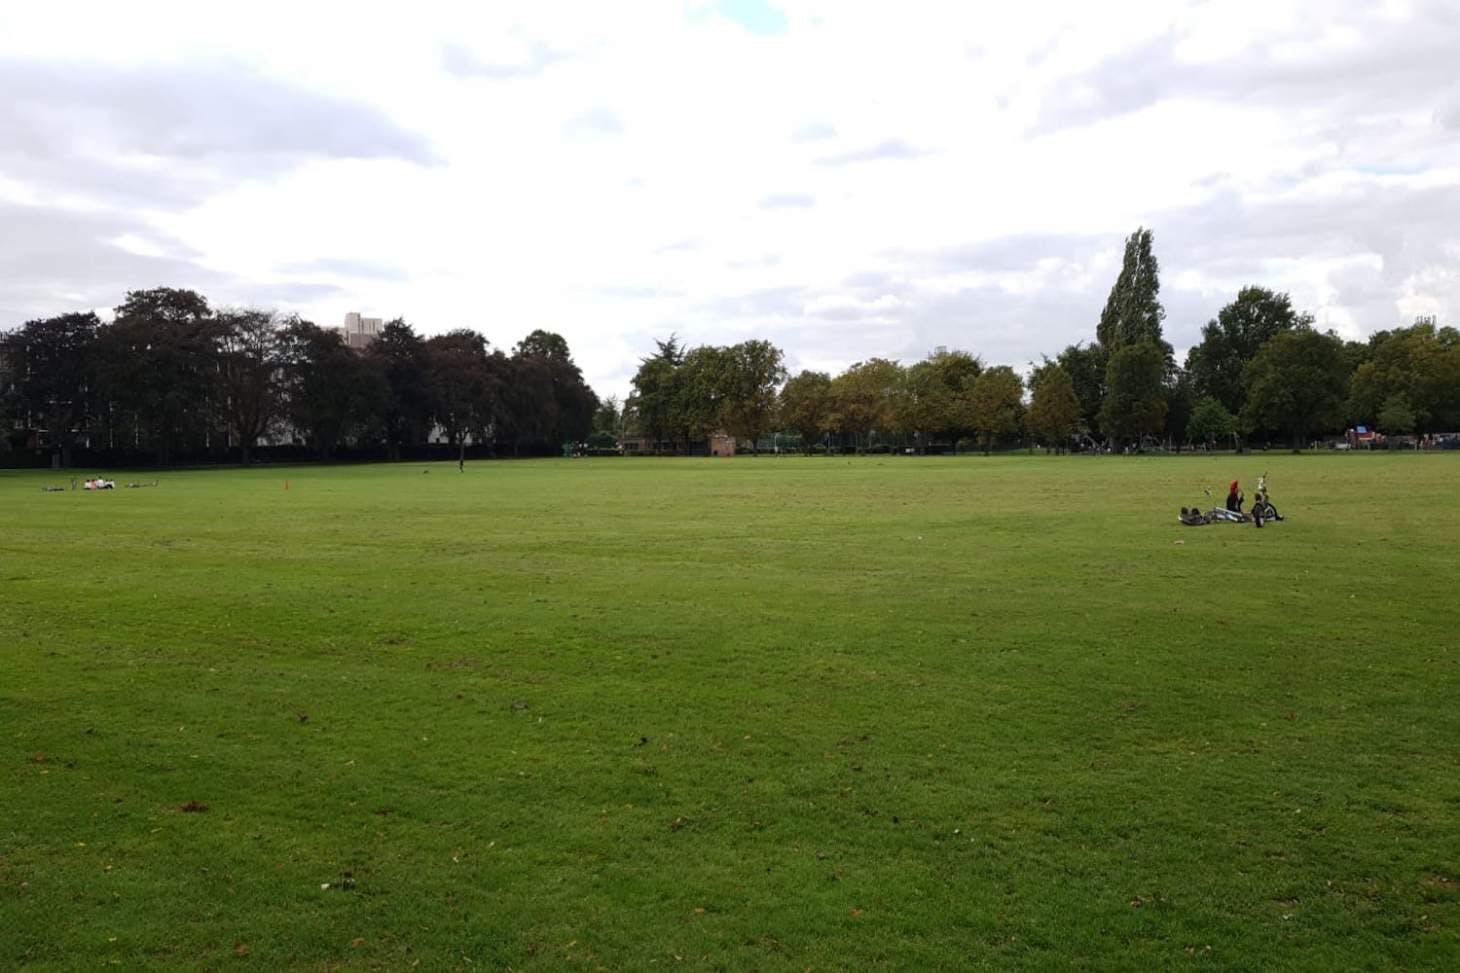 Markfield Park 11 a side junior | Grass football pitch